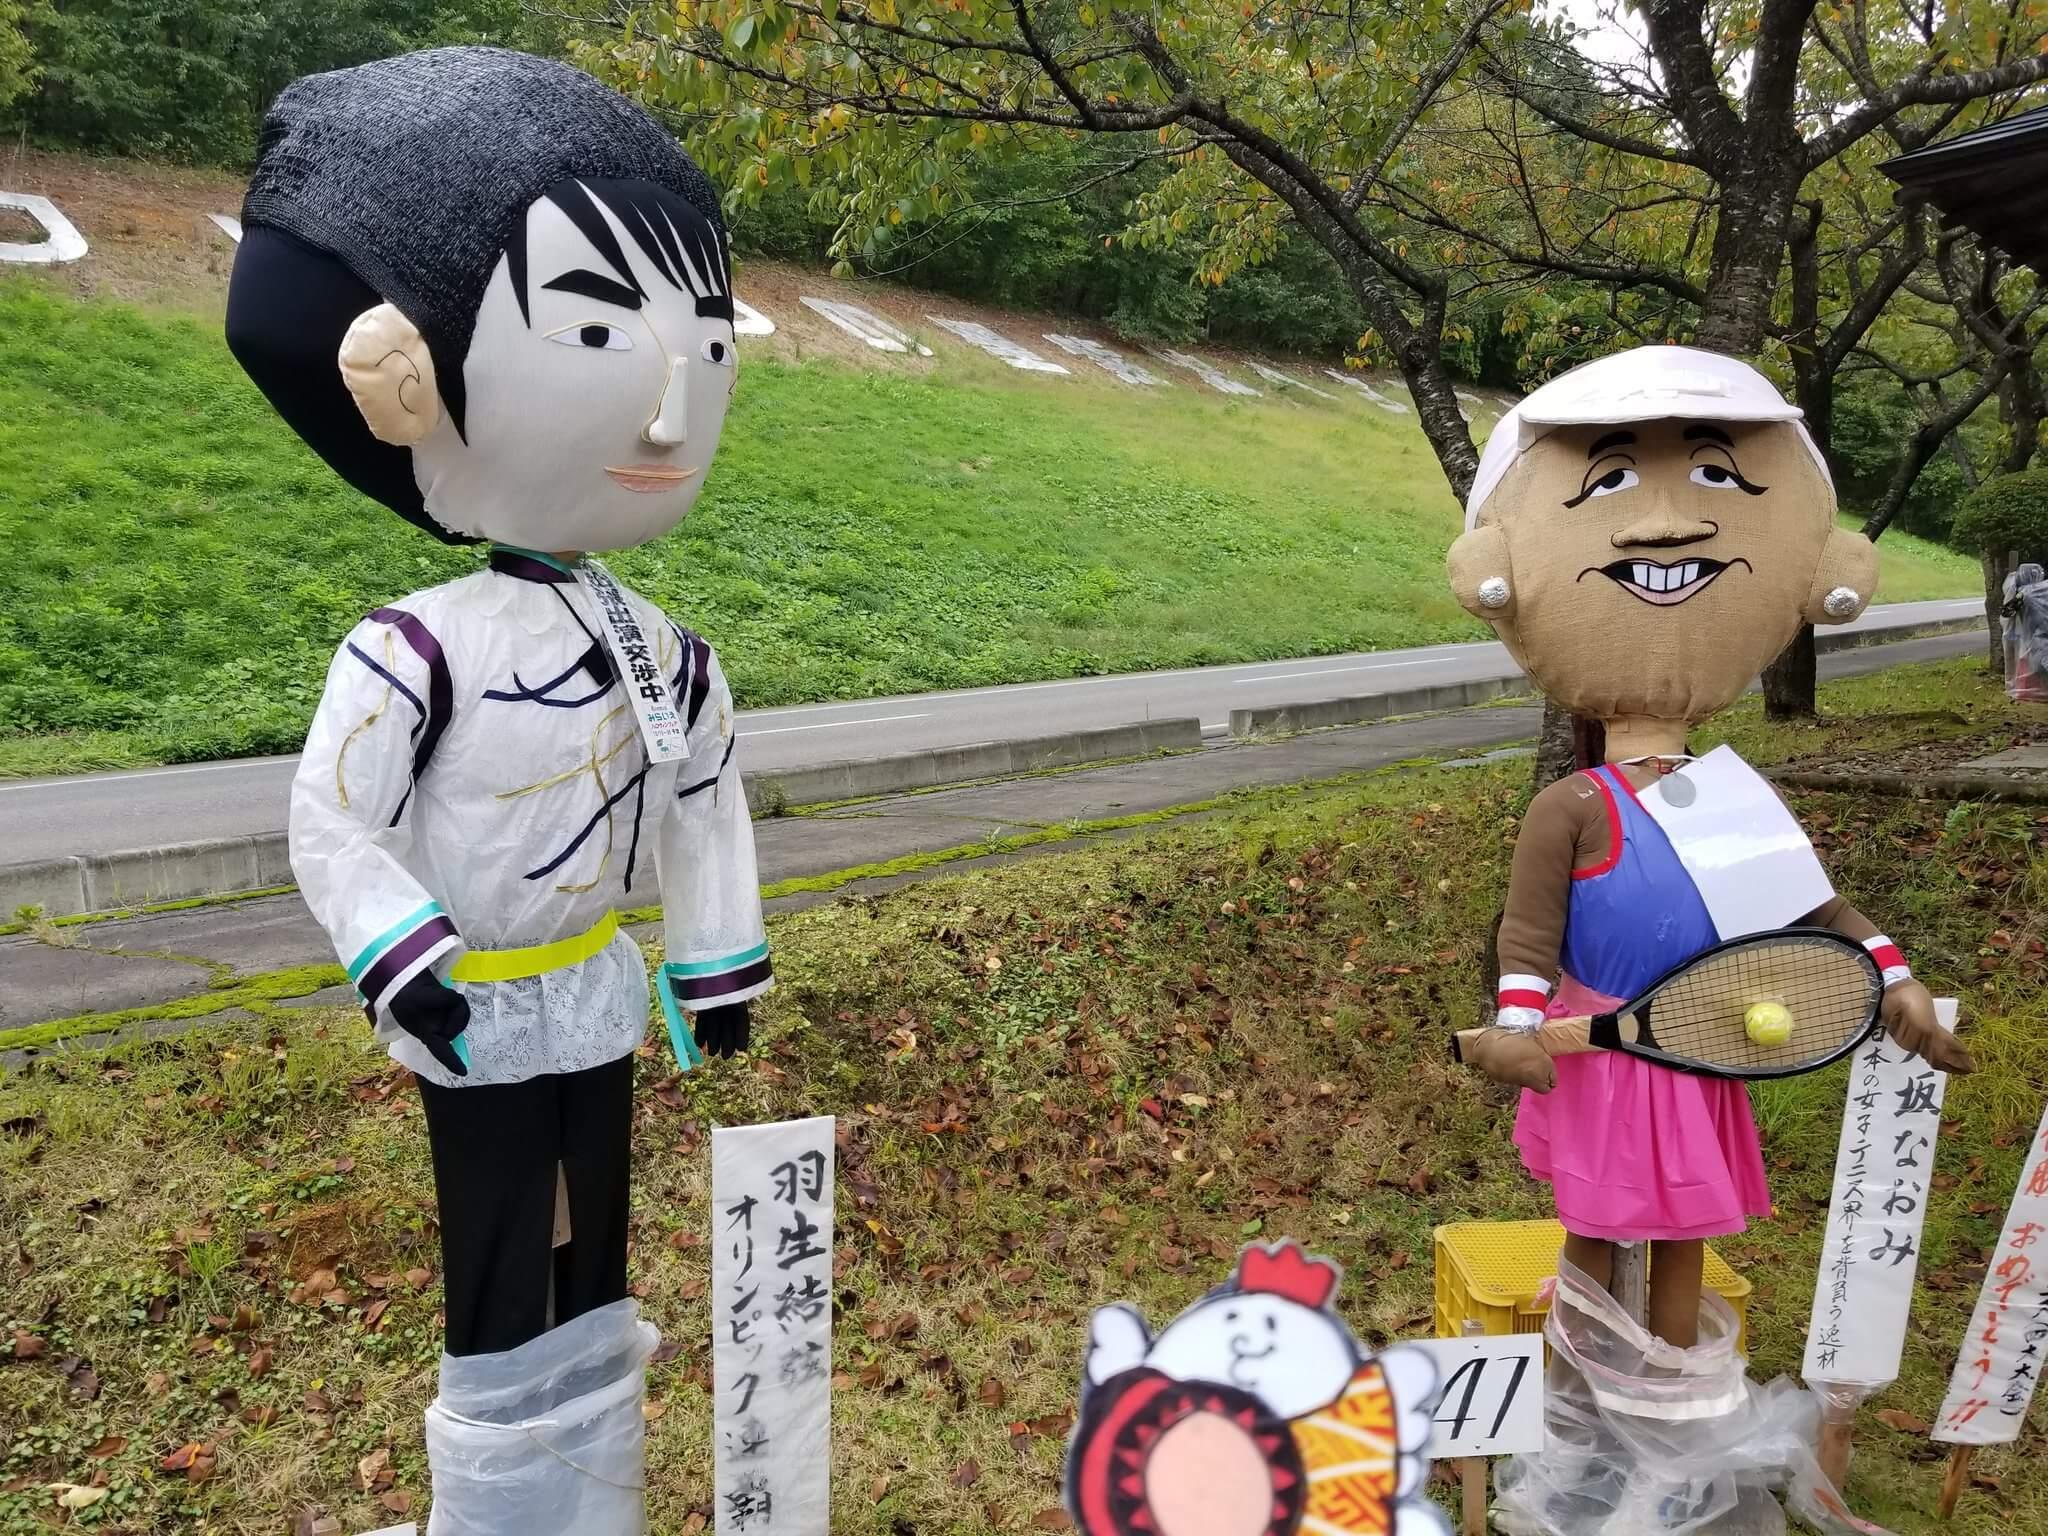 峠の駅・紫波ふる里センターで『かかしまつり』が開催中!羽生結弦と大阪なおみのかかしが!